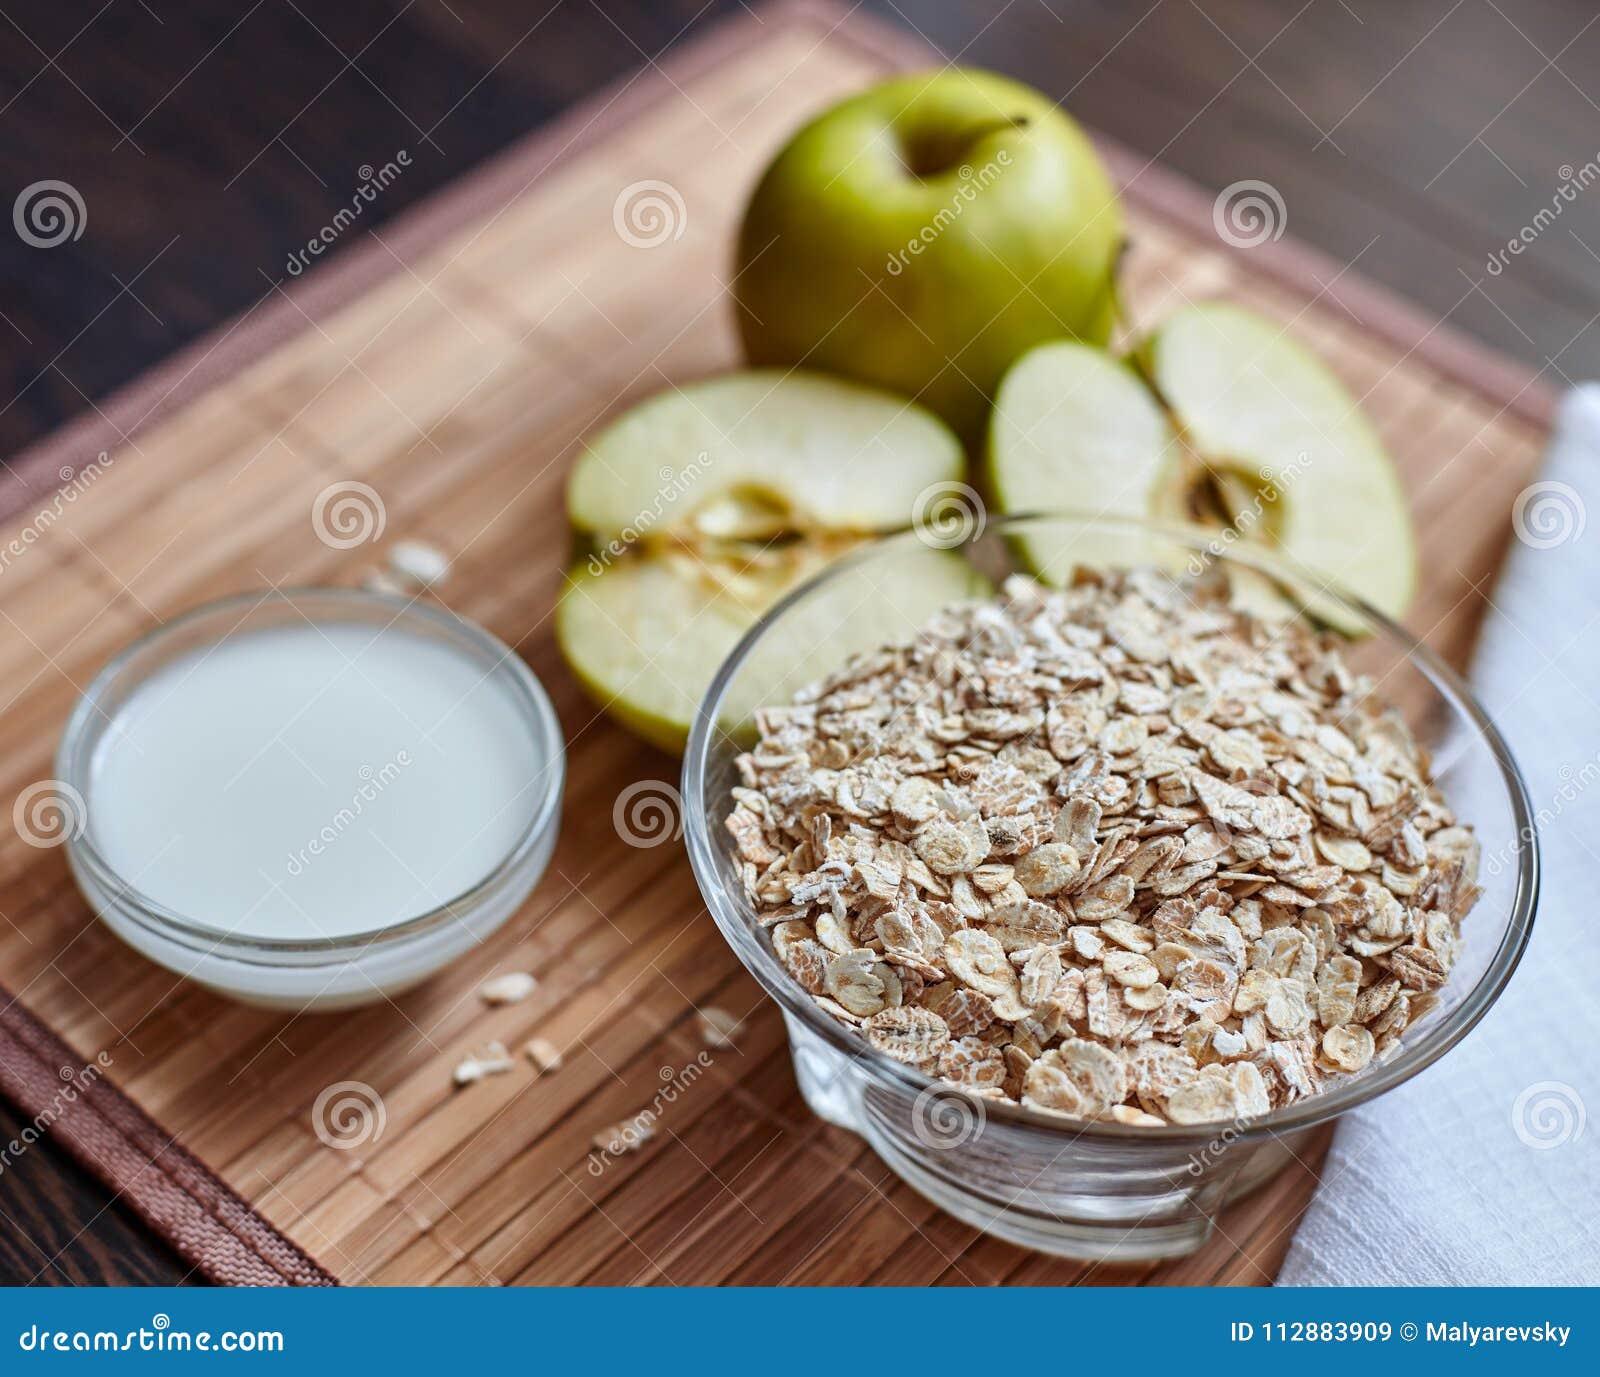 Dieta de manzana verde avena y limon